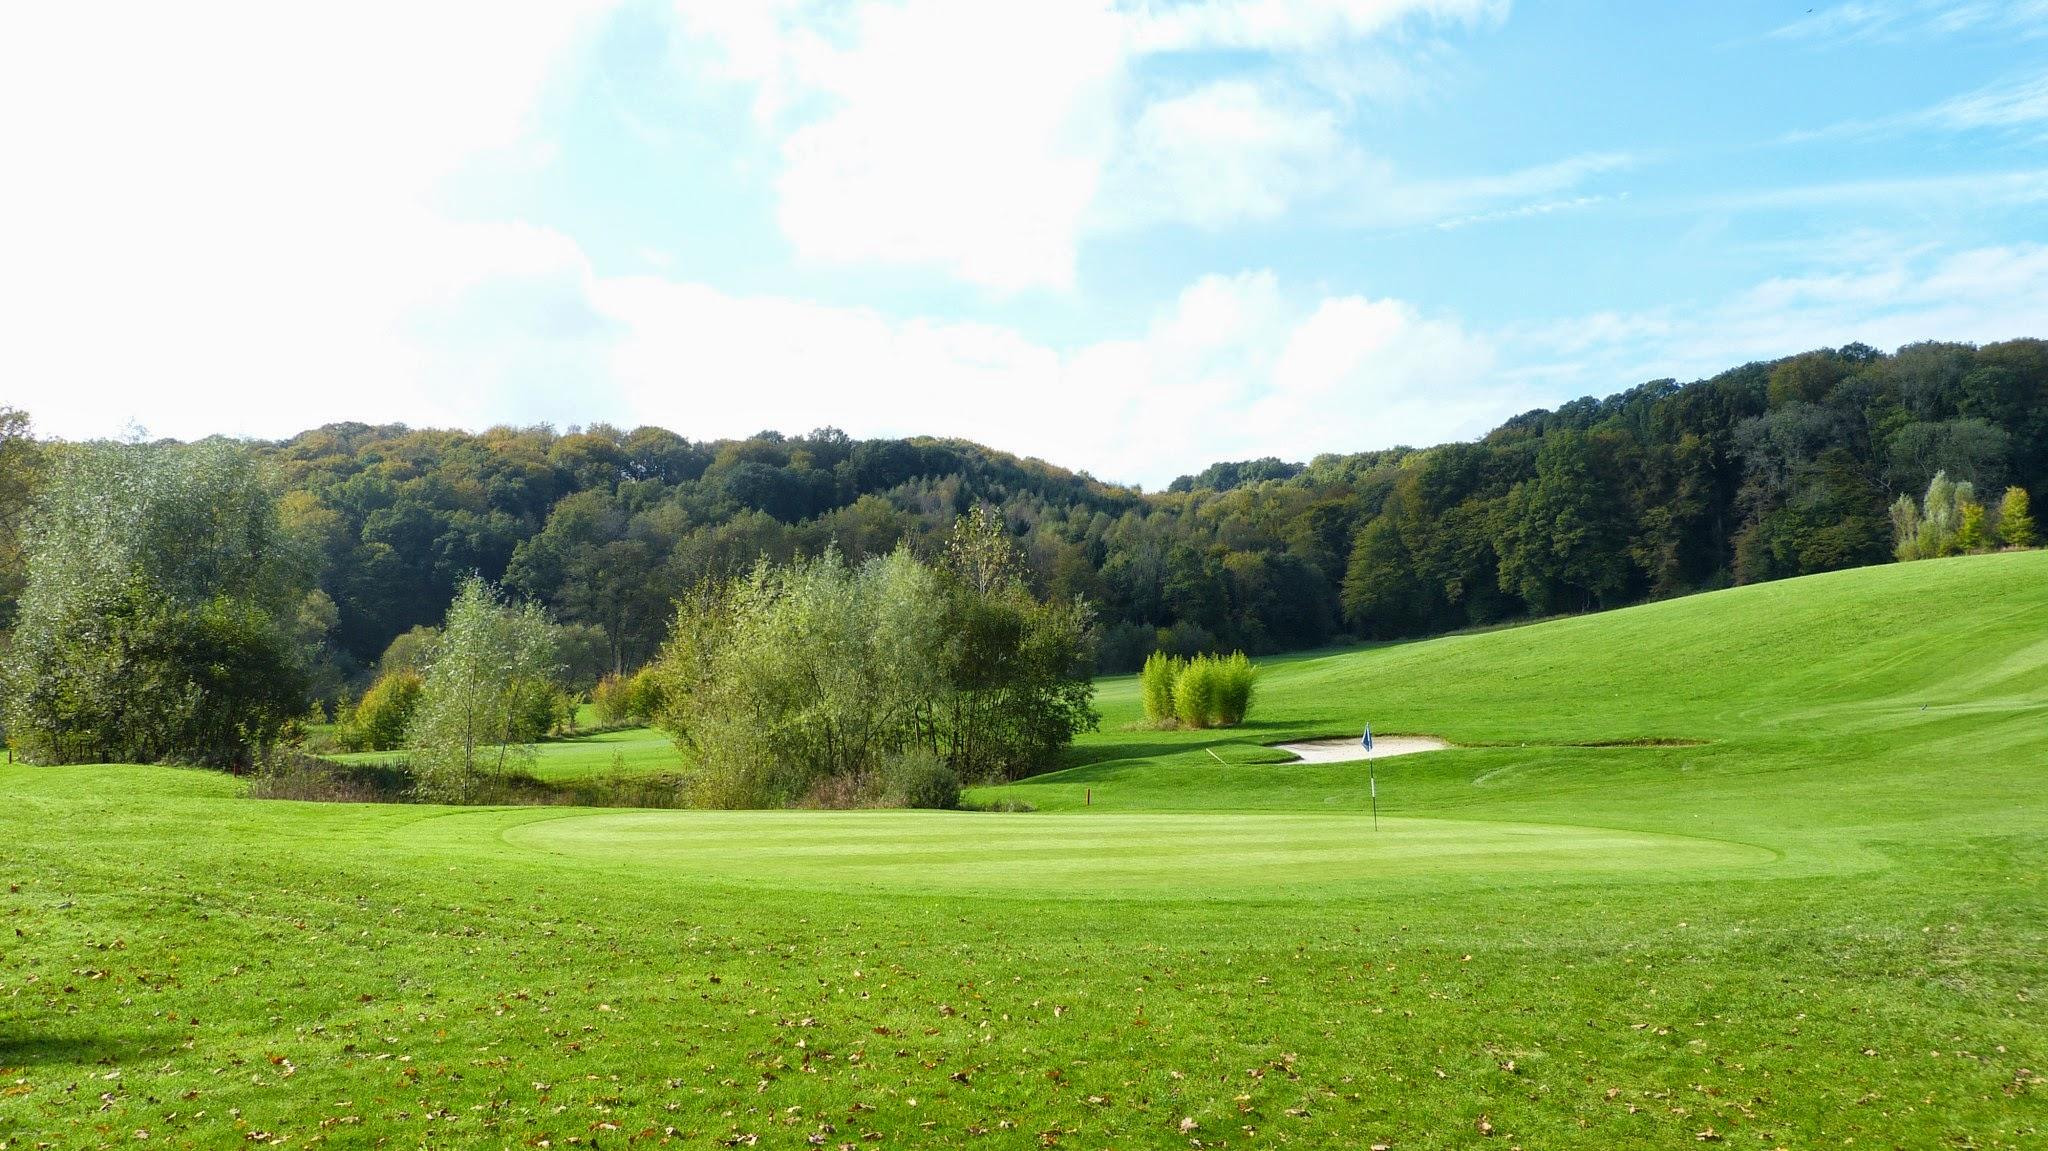 Golfplatz - Grün17